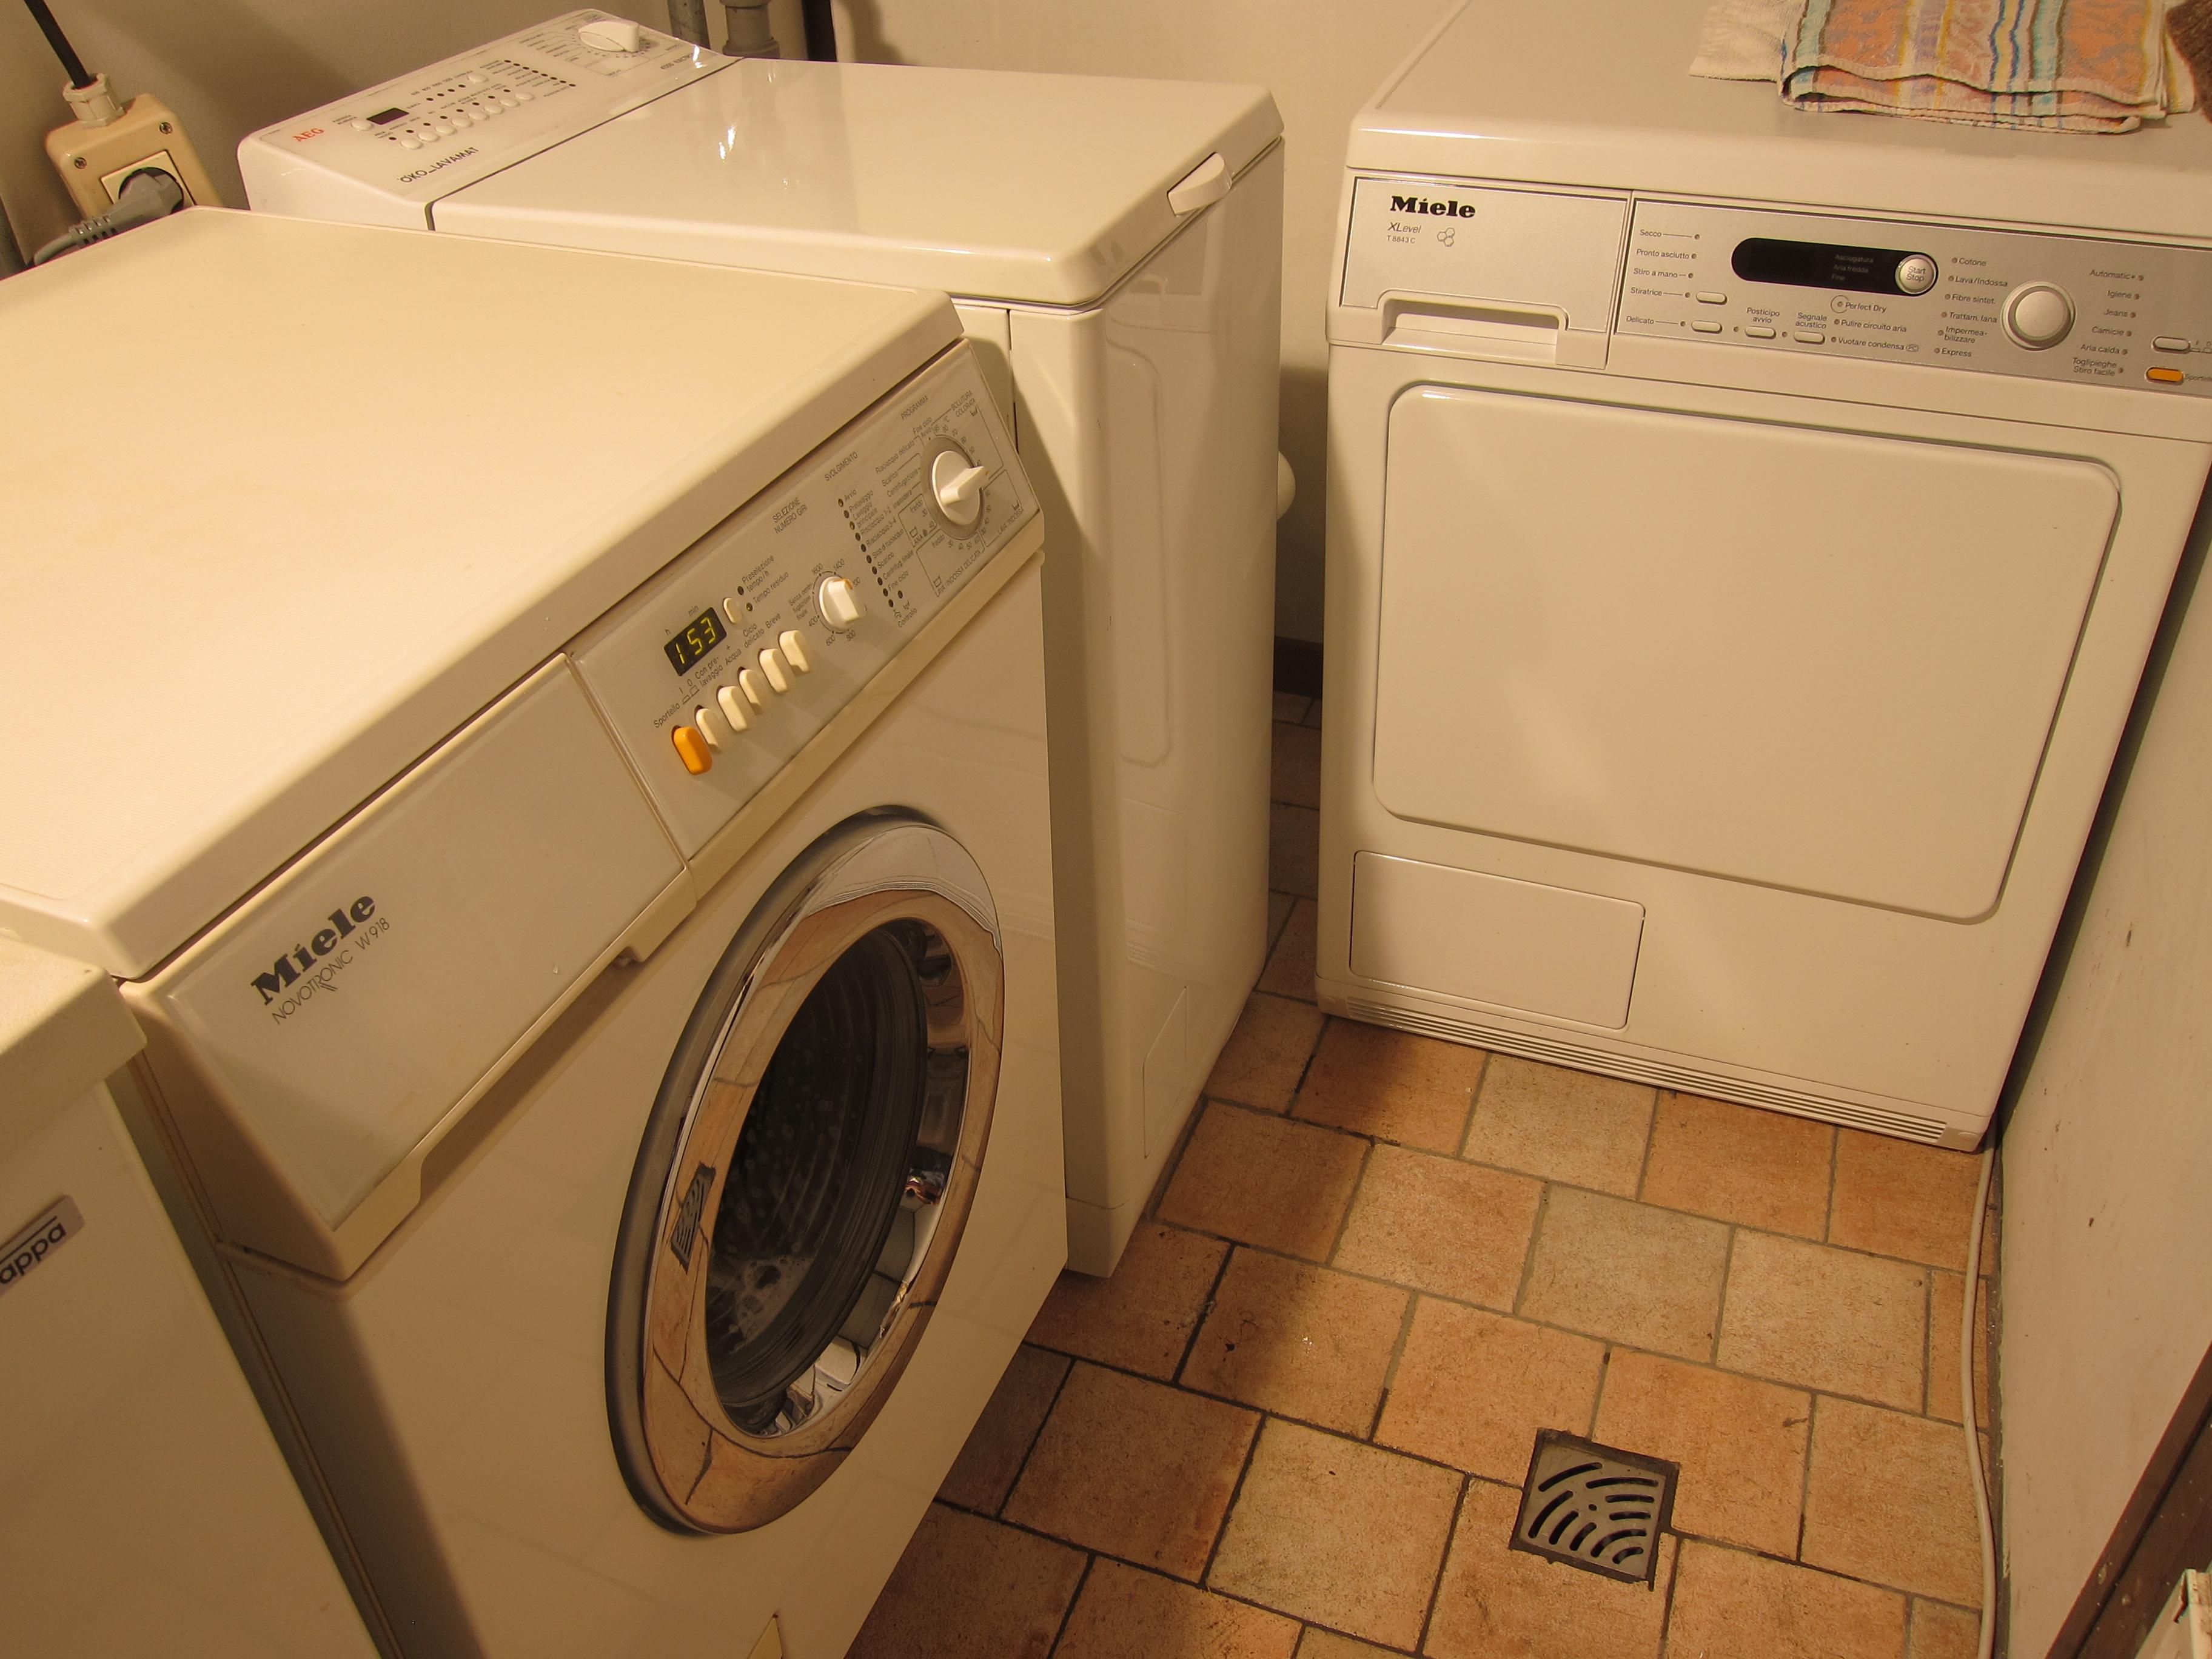 Lavatrice miele w918 lavatrici asciugabiancheria plc for Lavatrice si blocca durante il lavaggio